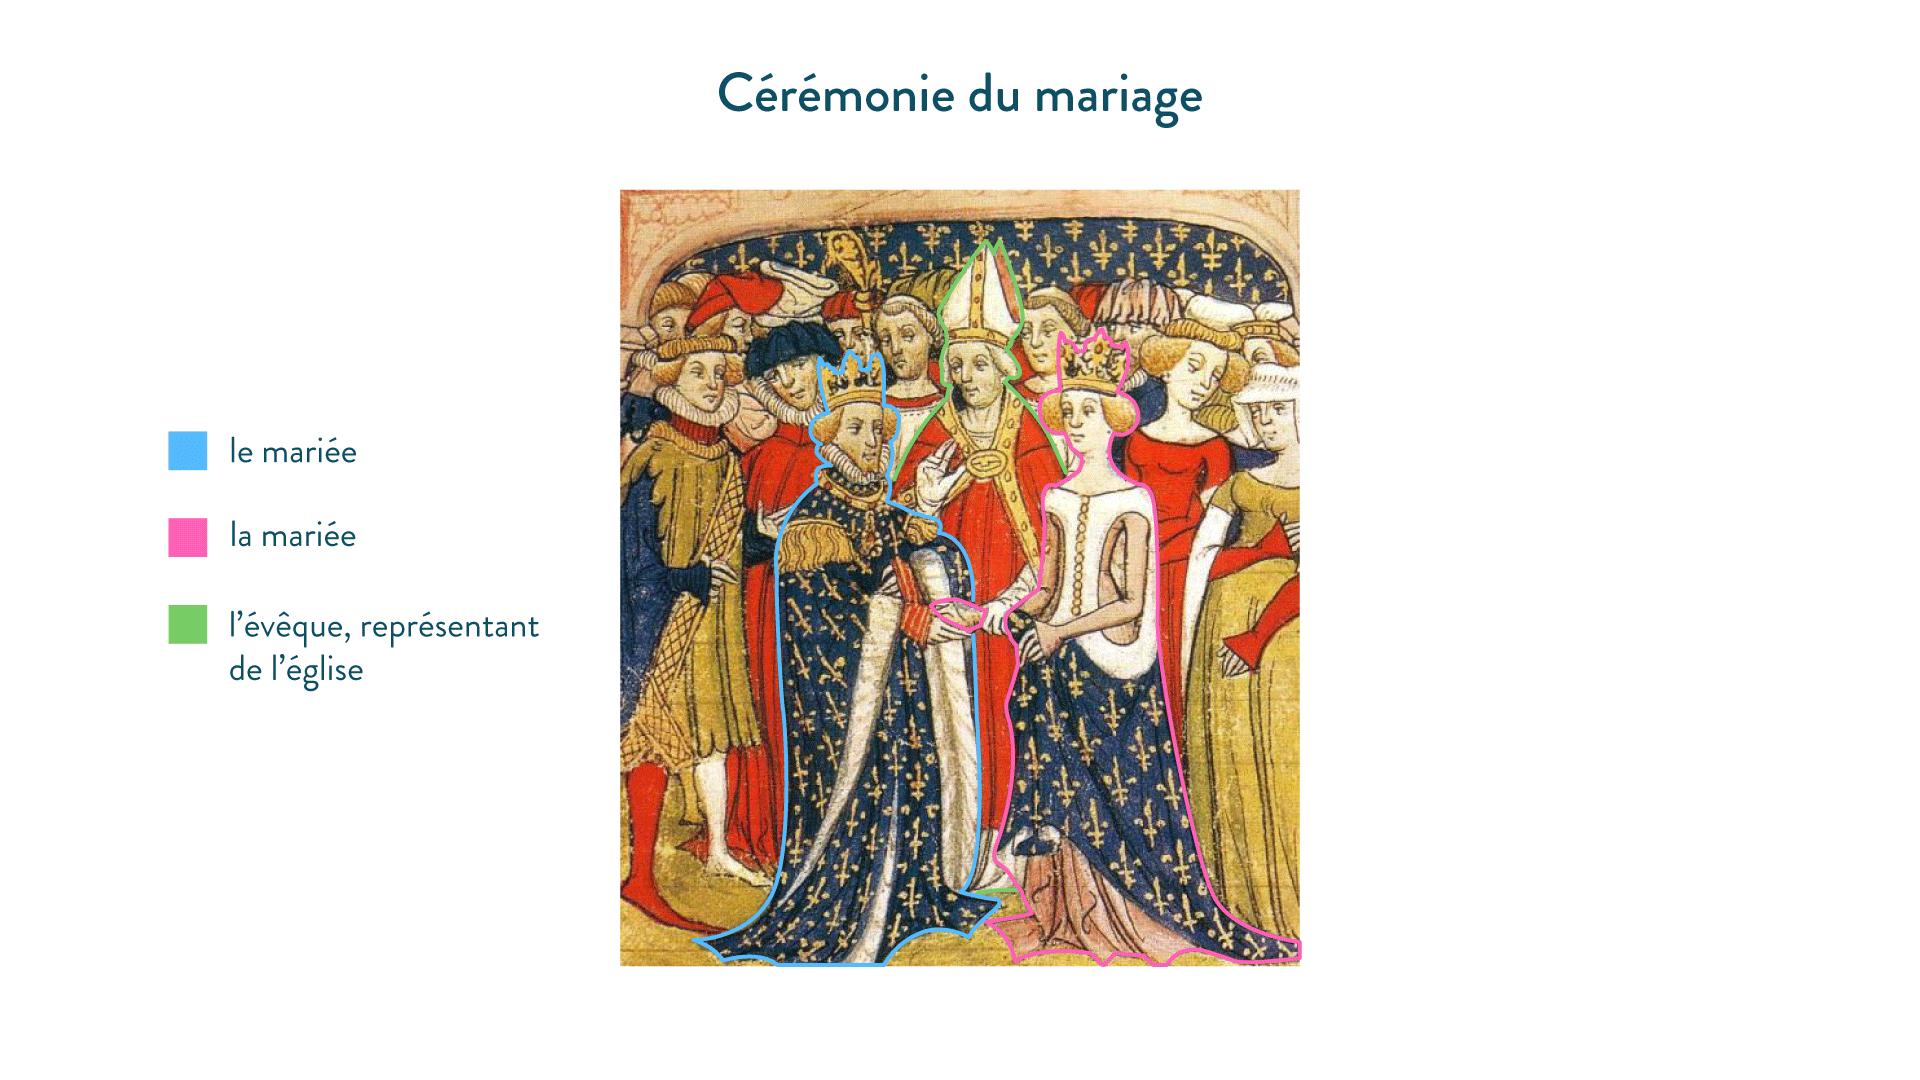 Mariage de Marie de Brabant et du roi Philippe III de France. <em>Manuscrit des Chroniques de France ou de Saint Denis</em>, fin du XIV<sup>e</sup> siècle, British Library, Londres - 5e - histoire